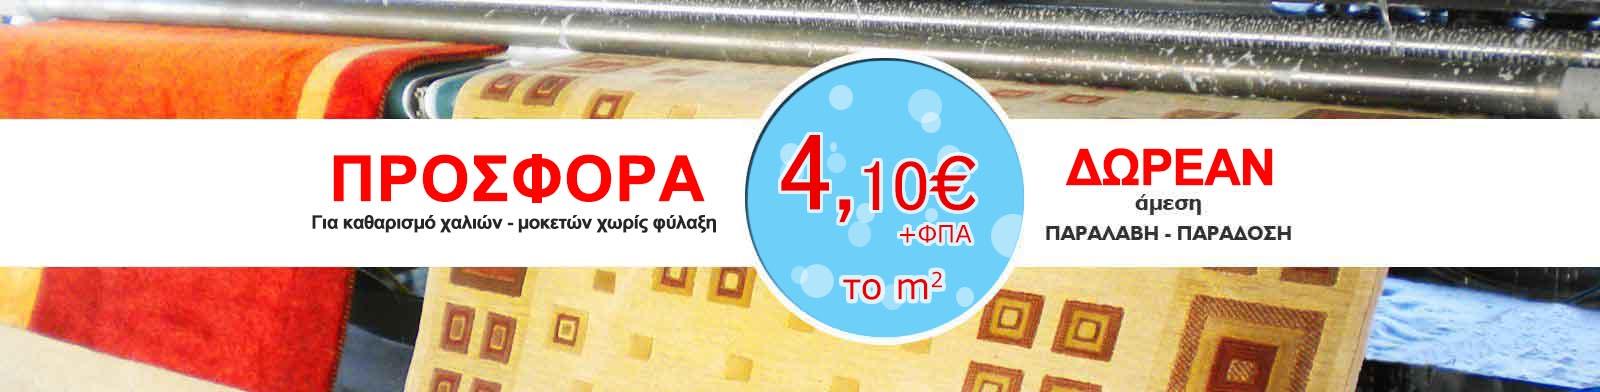 3,29€/τ.μ. Καθαρισμός Χαλιών - Μοκετών Προσφορά Ταπητοκαθαριστηρίου